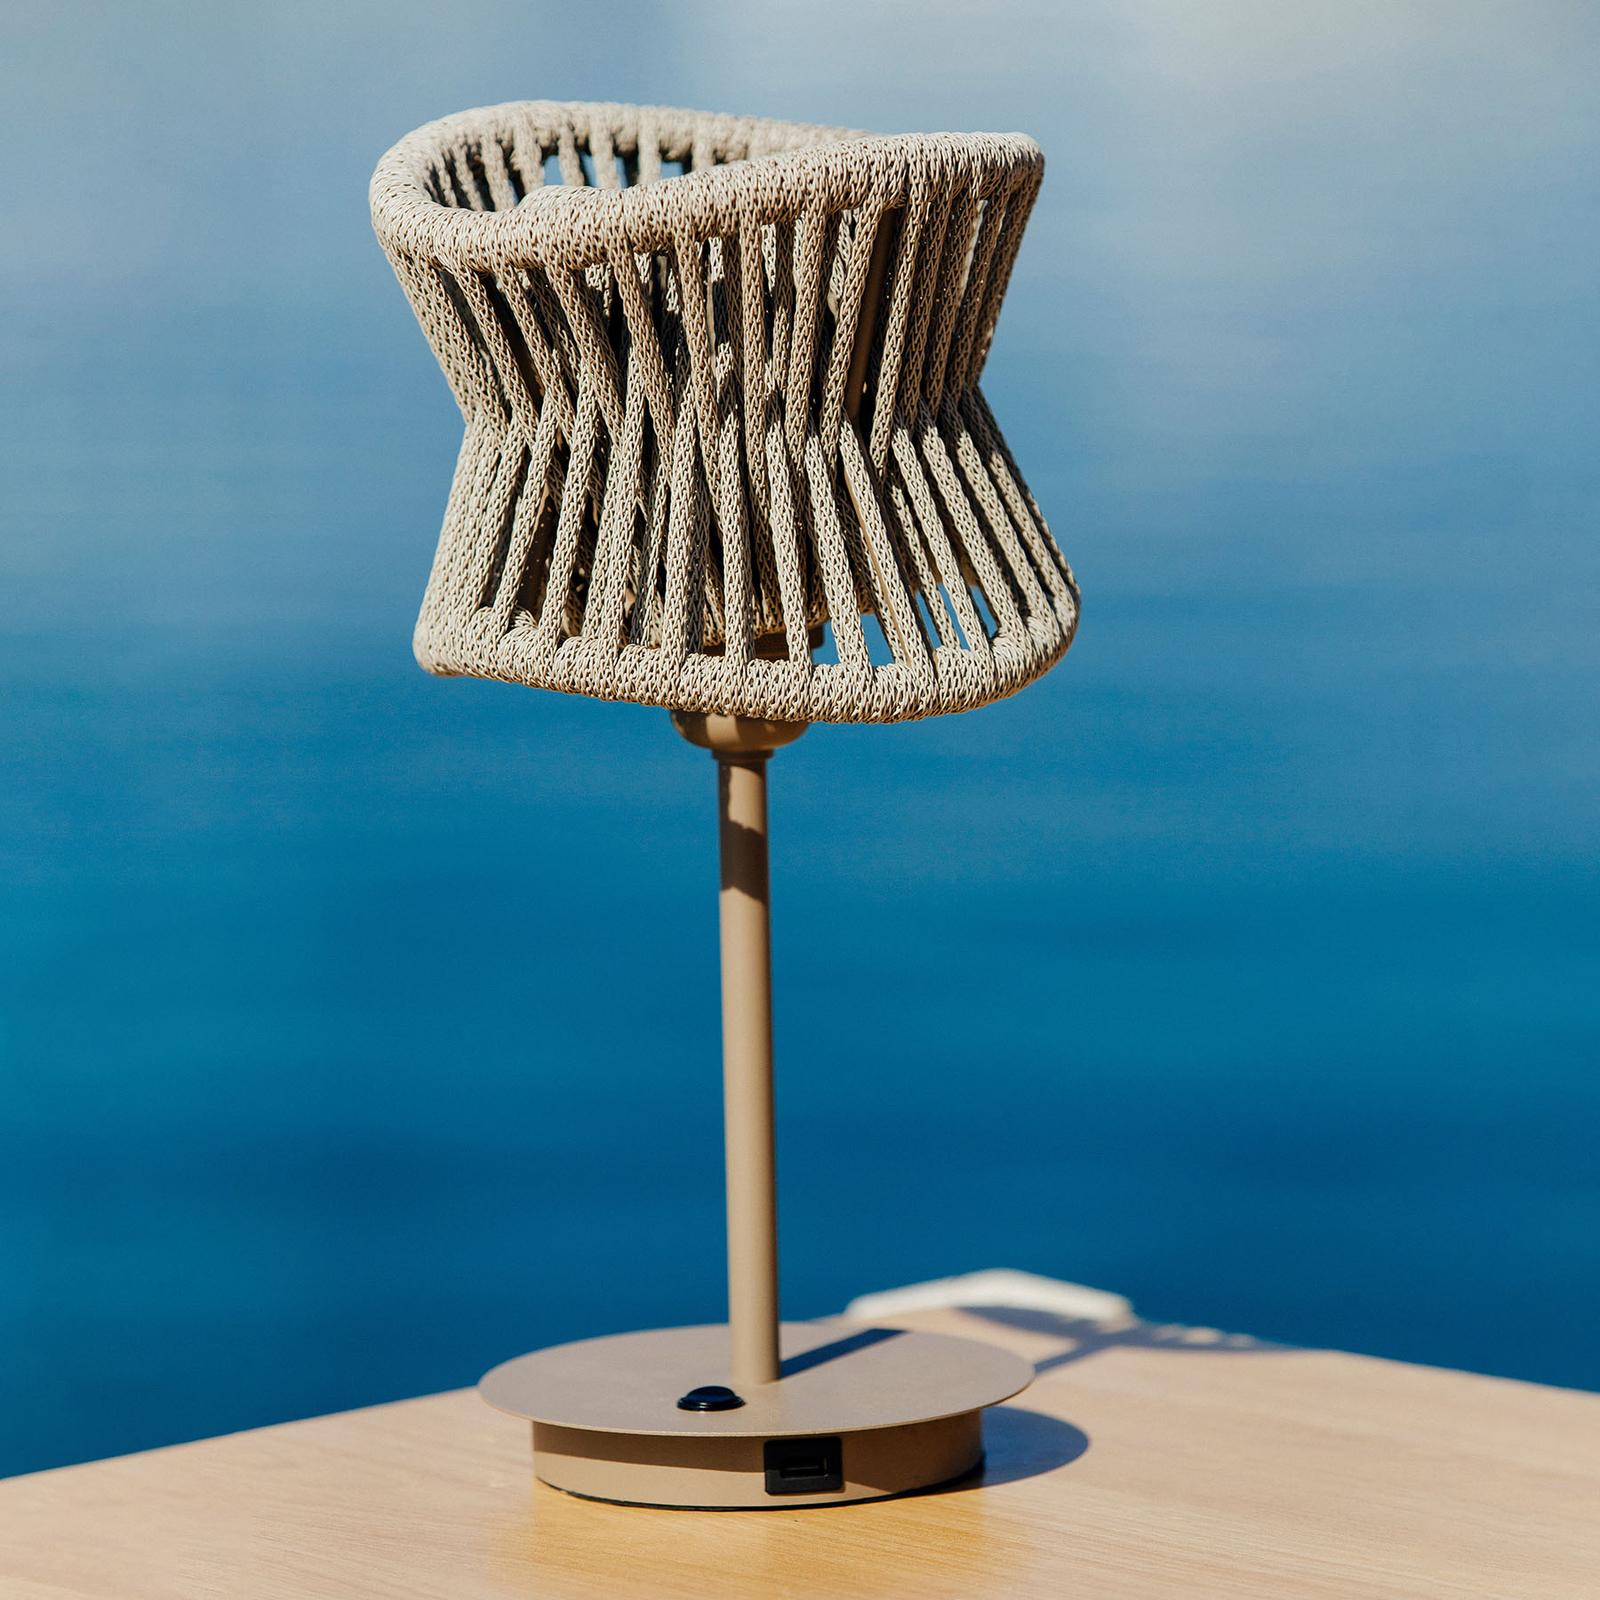 Lampada da tavolo esterni Polinesia, attacco USB